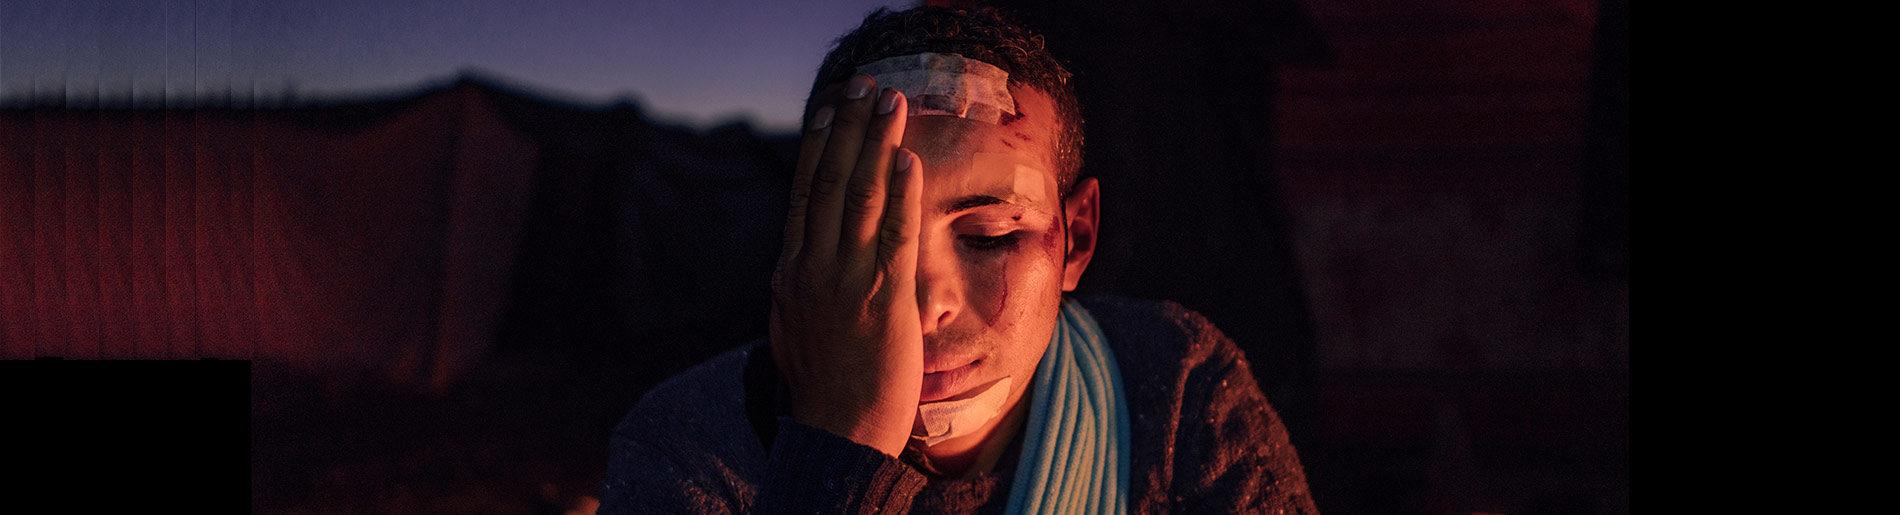 Geflüchteter nach brutalem Pushback an der kroatisch-bosnischen Grenze